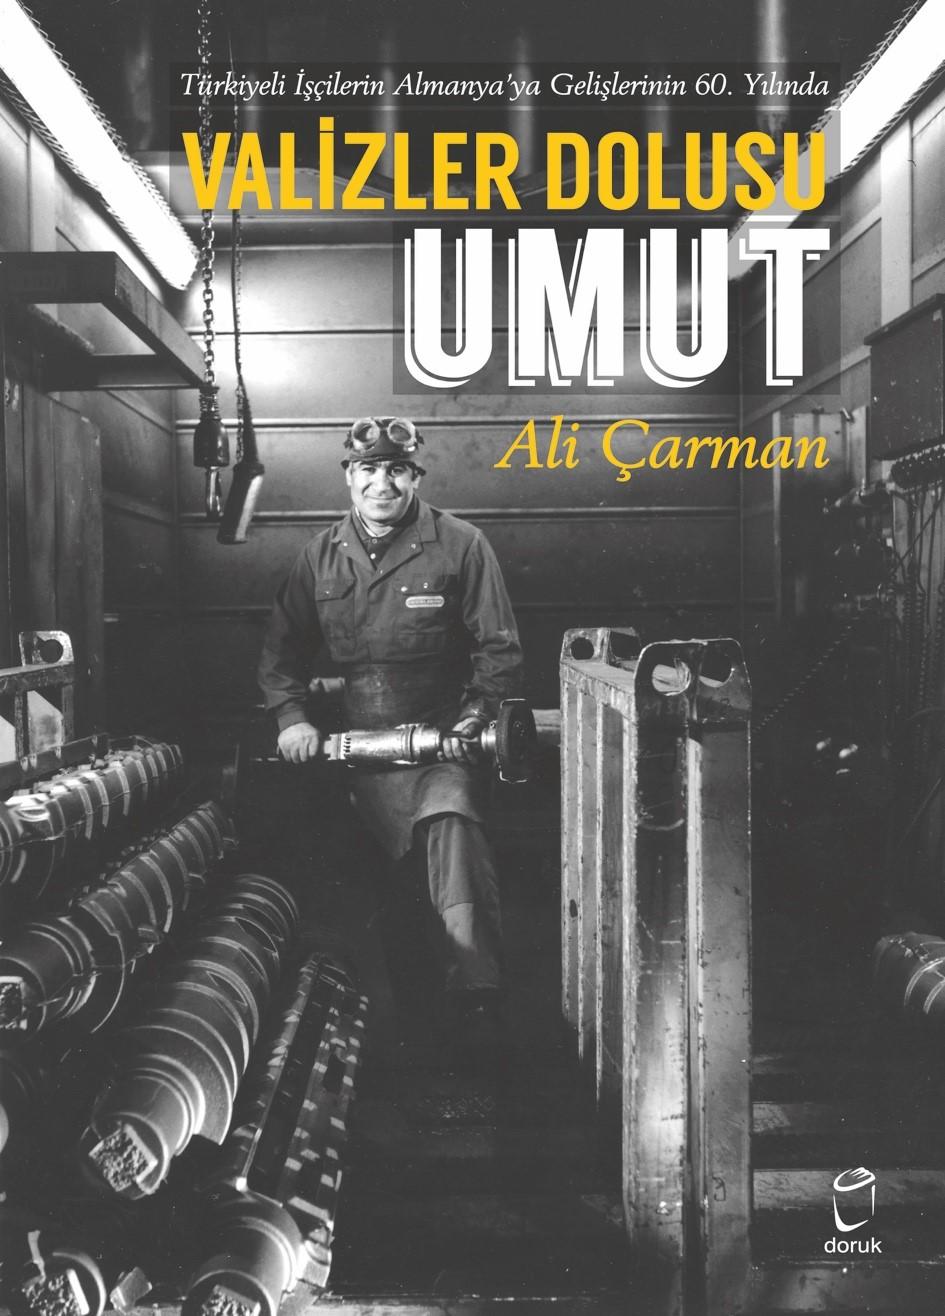 Türkiye'li İşçilerin Almanya'ya Gelişlerinin 60.Yılında Valizler Dolusu Umut